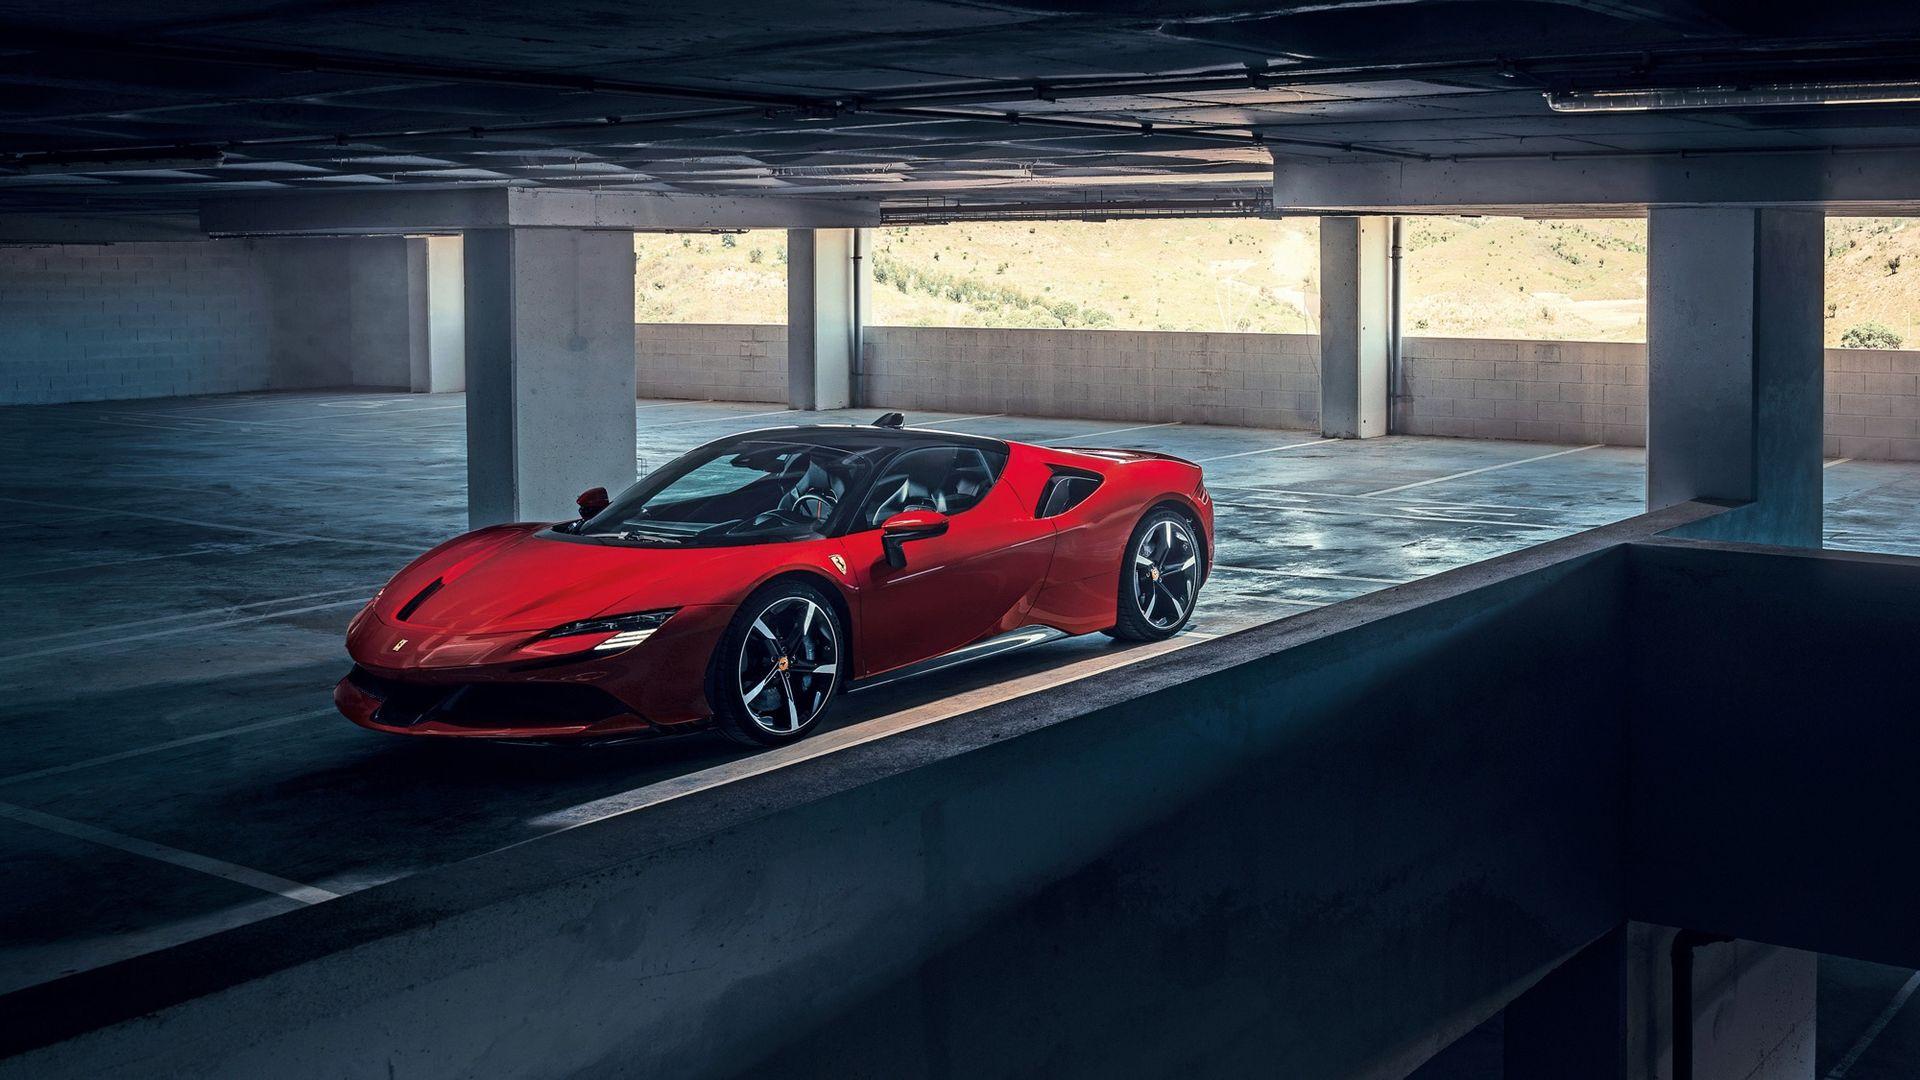 Produktionsstarten av Ferrari SF90 Stradale försenas